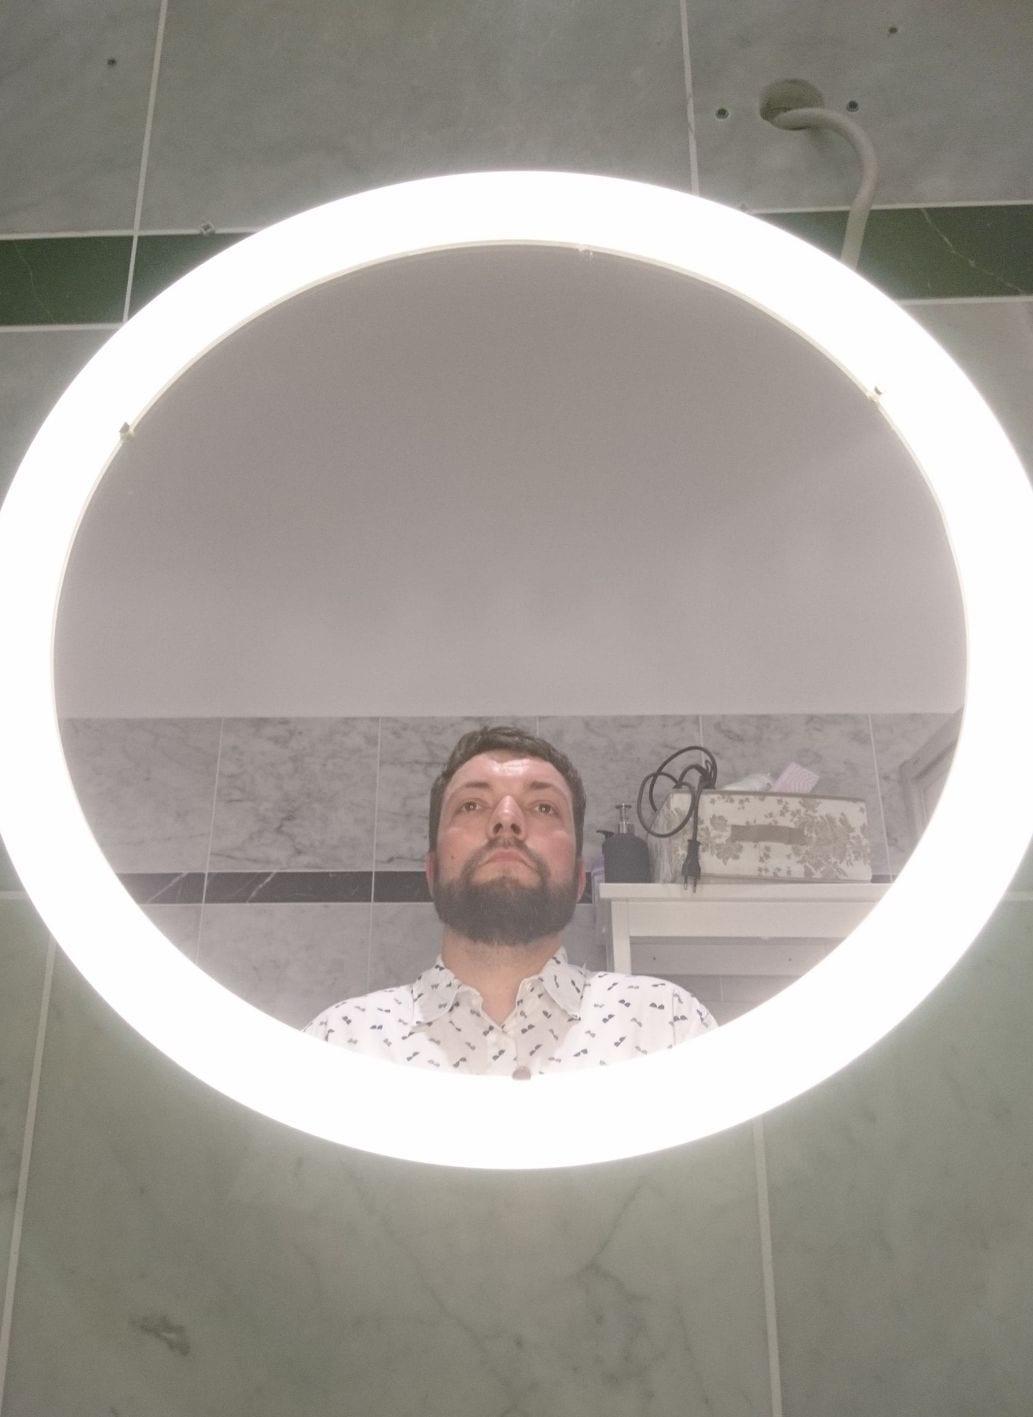 Rund, Licht, Spiegel, Selfie